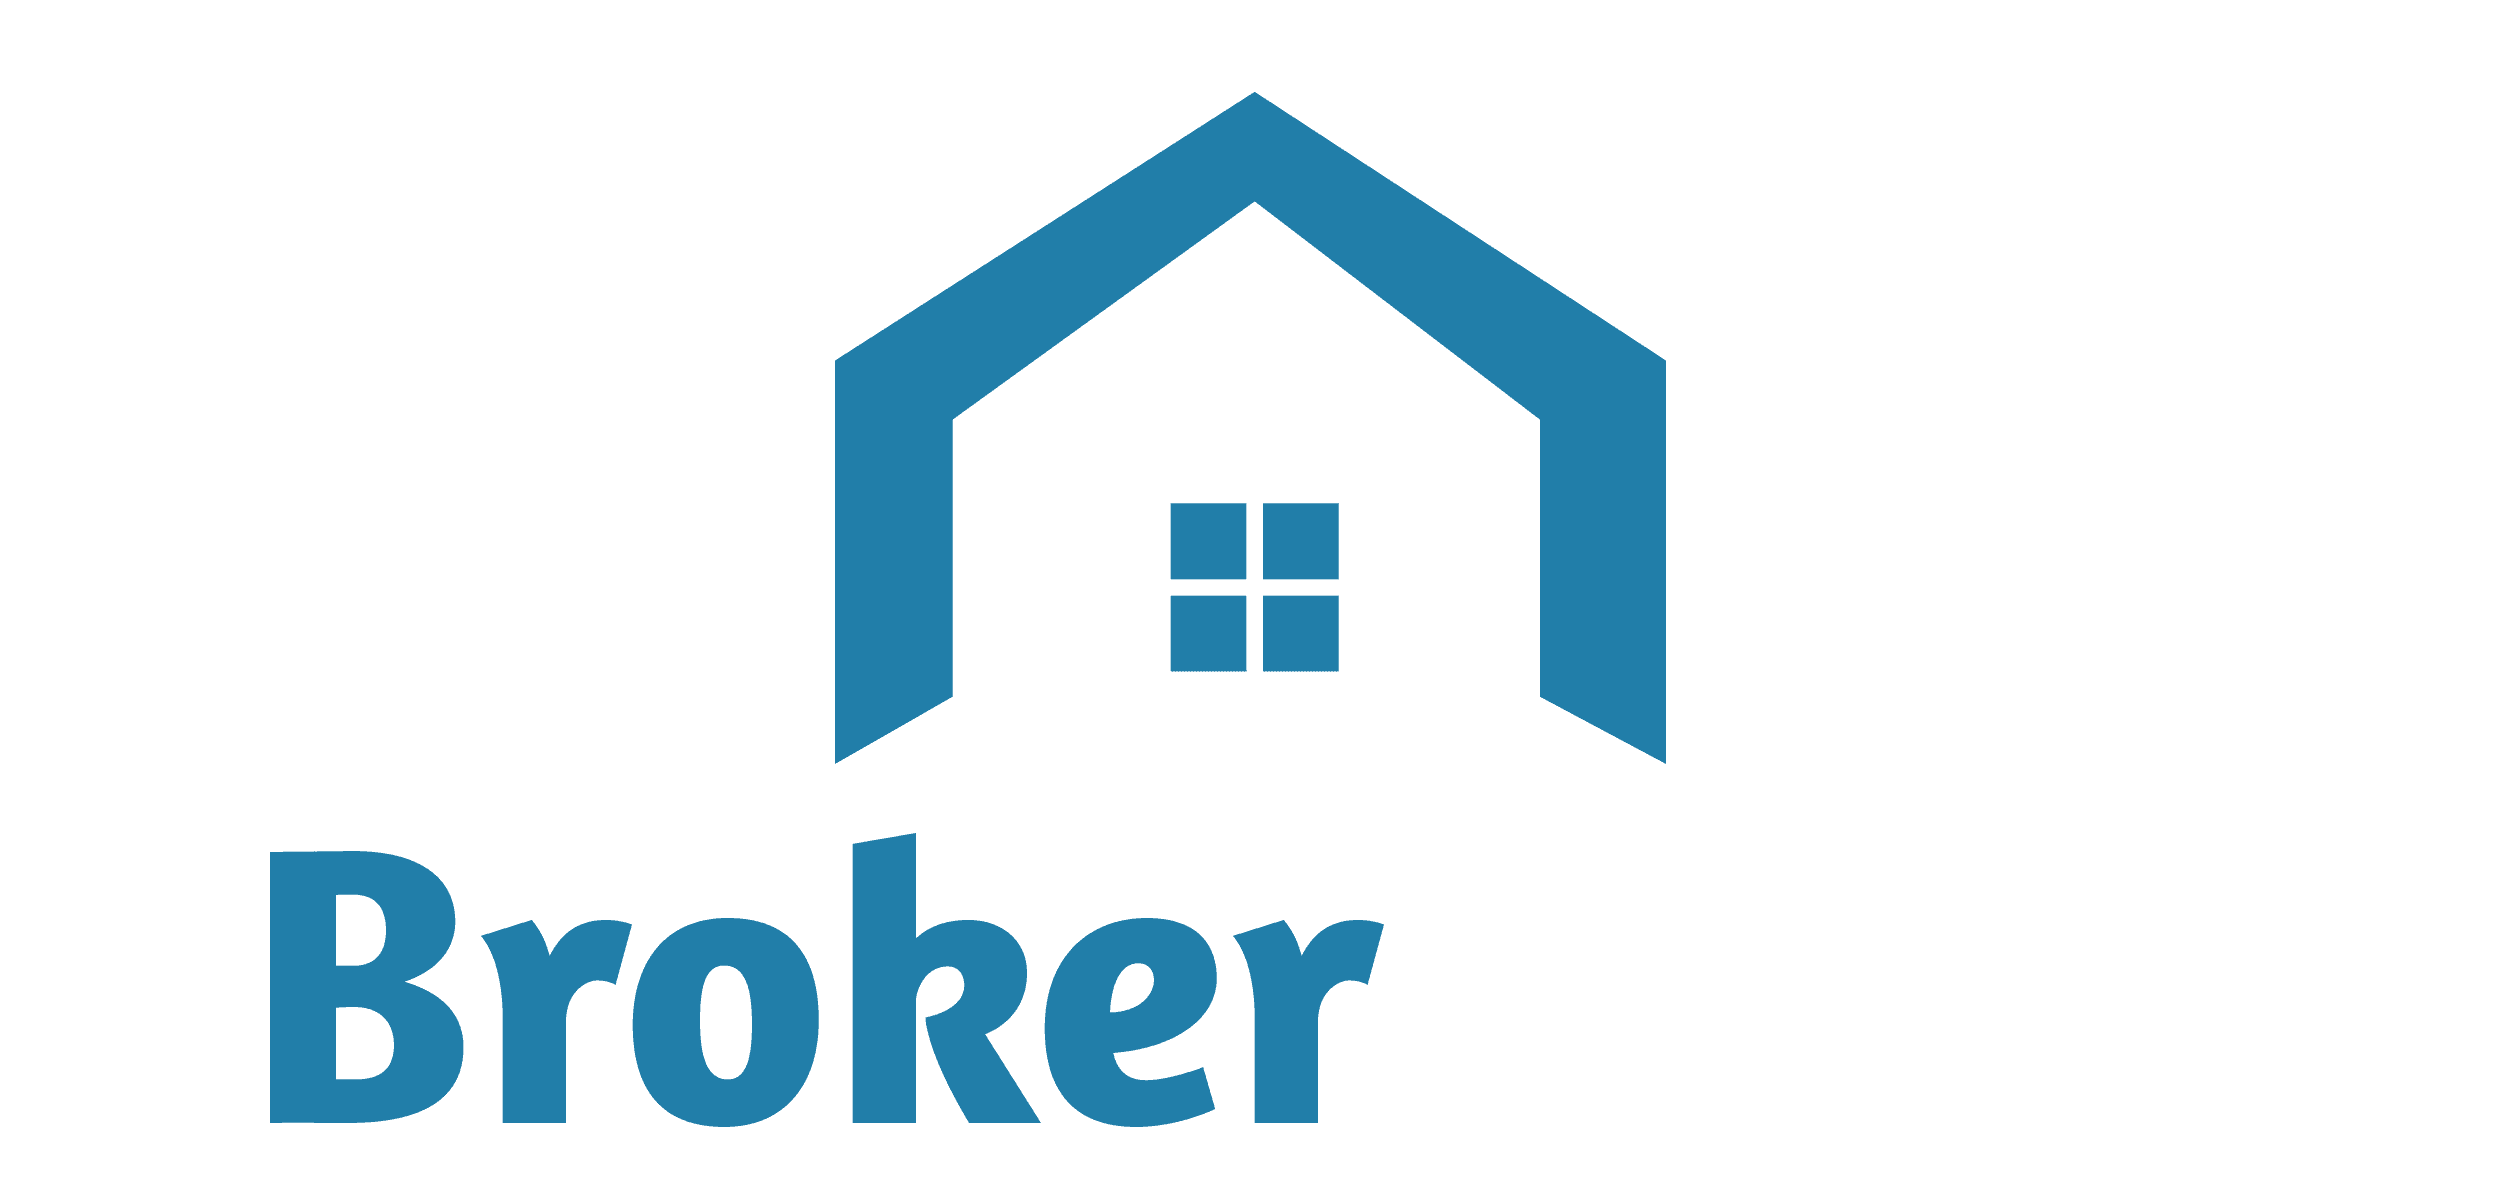 Broker Port